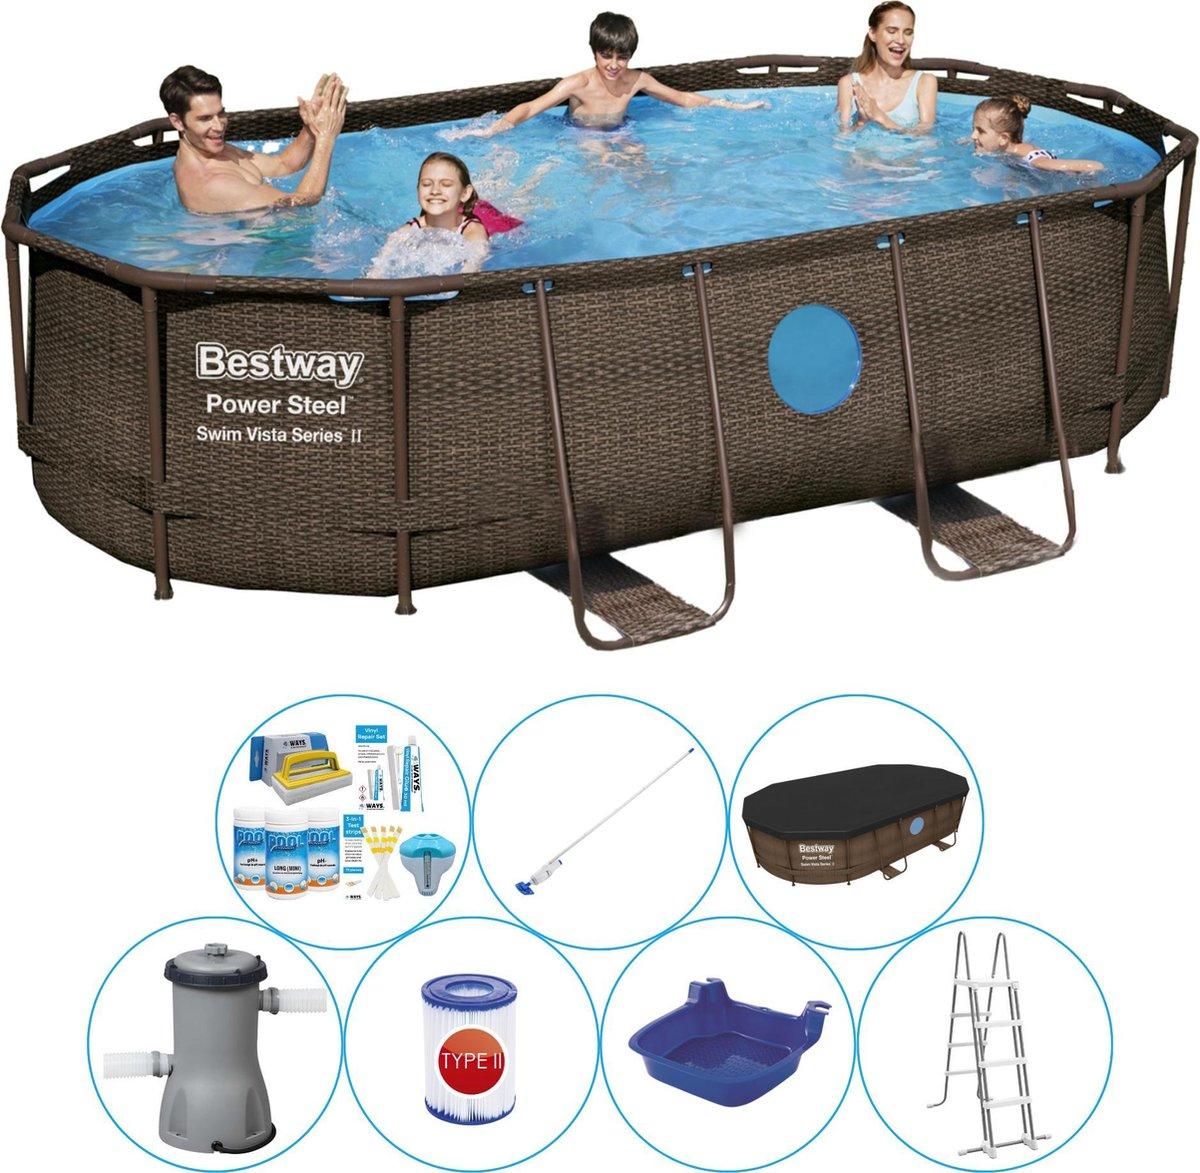 Bestway Power Steel Swim Vista OVAAL 427x250x100 cm - Zwembad Combi Deal